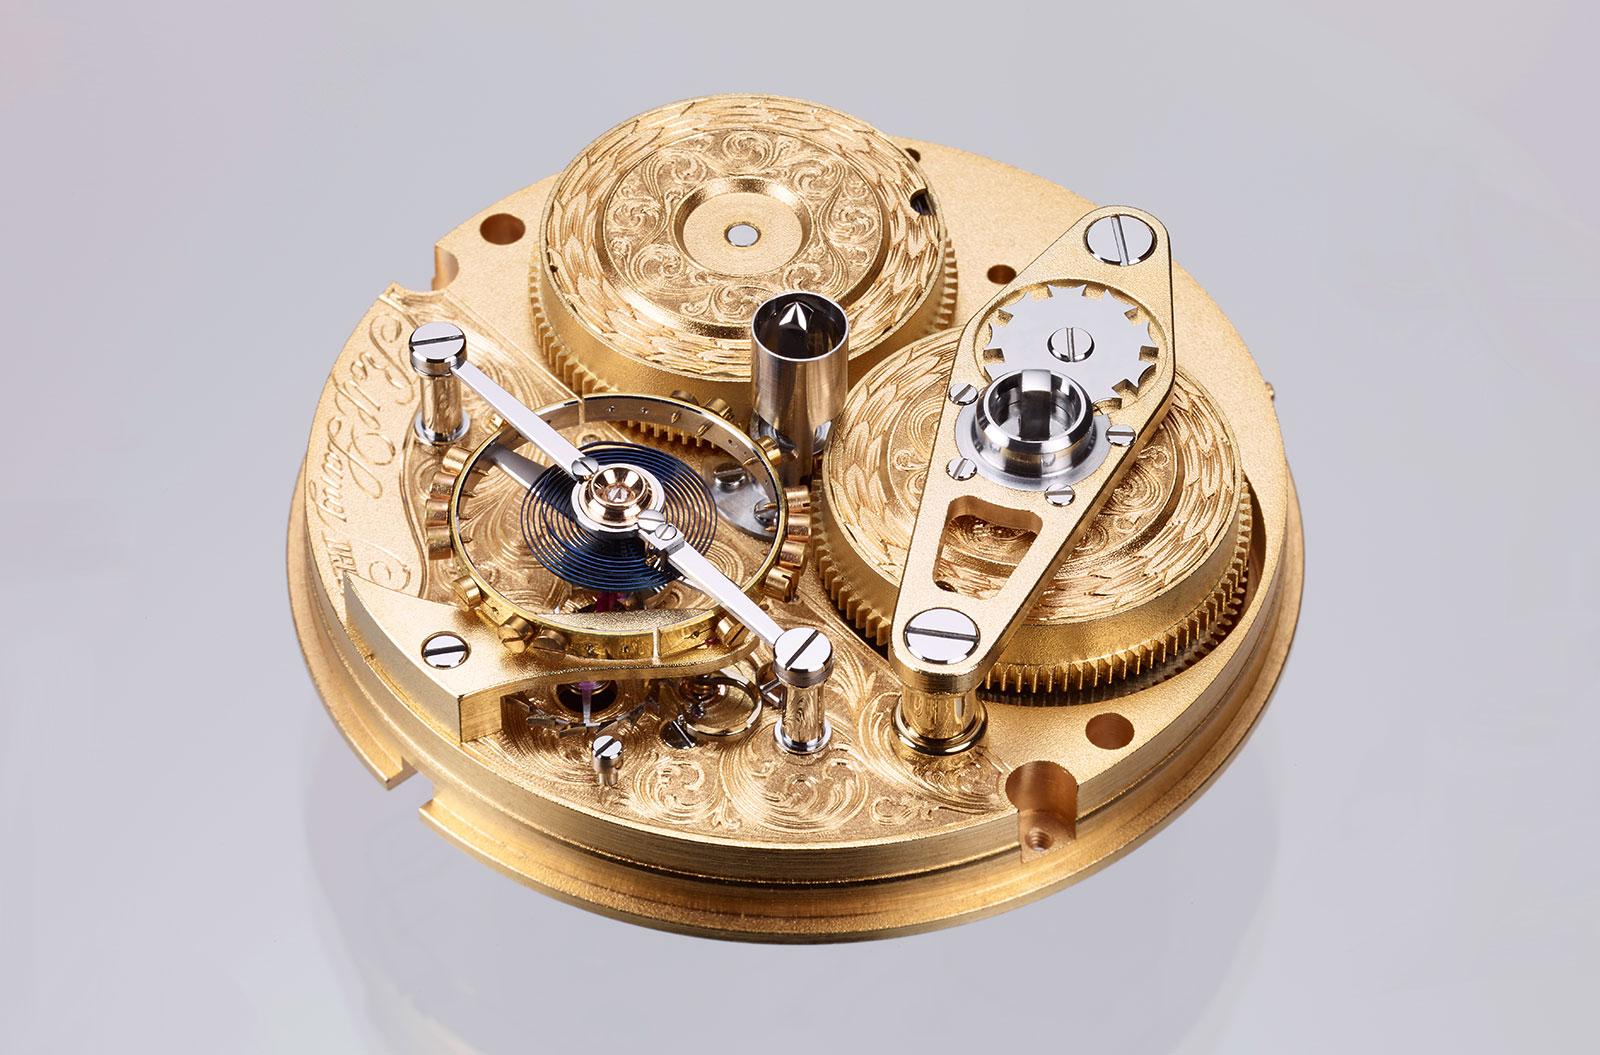 Rolf Lang Golden H marine chronometer 2